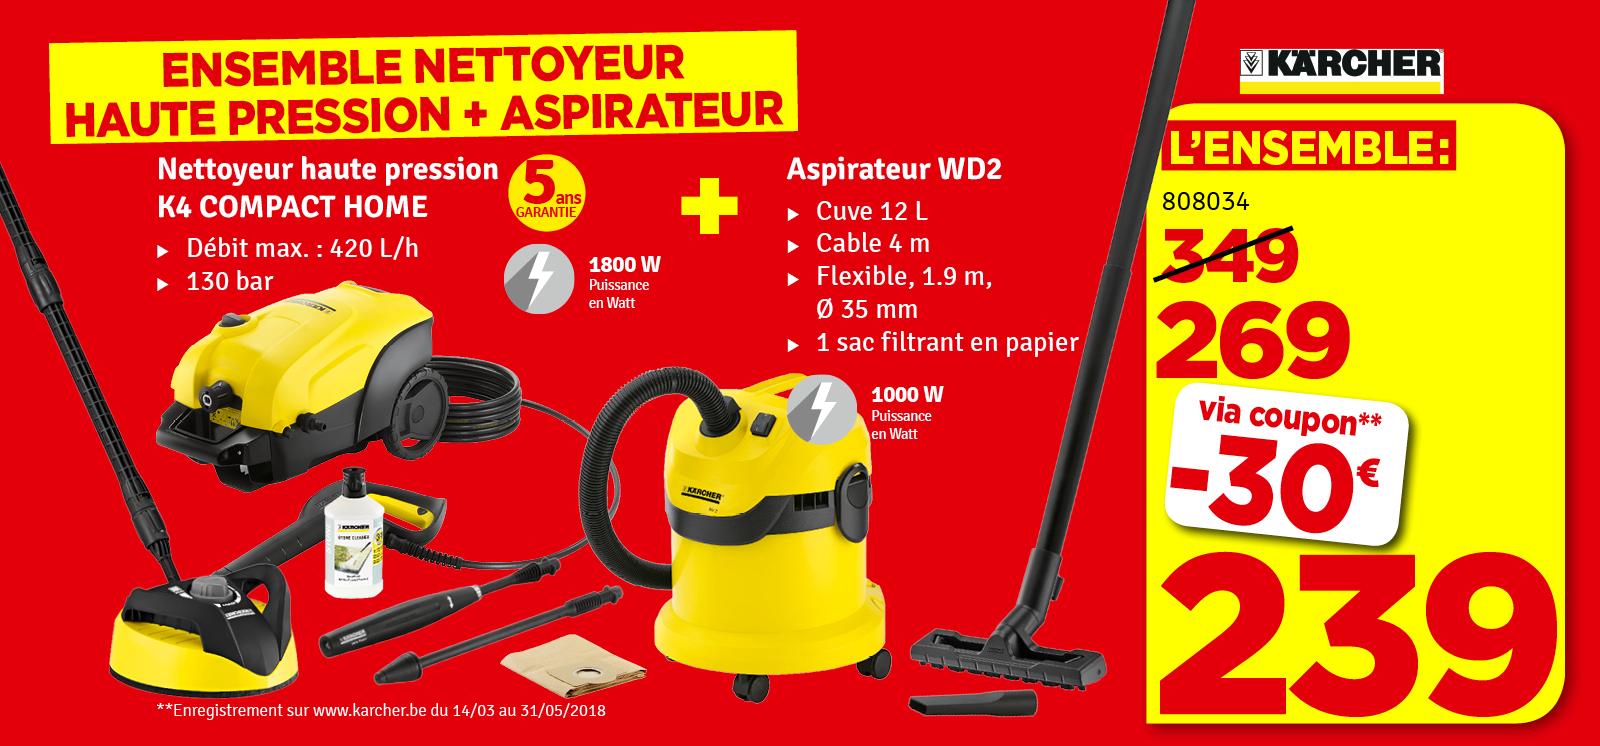 Promo - Nettoyeur haute pression K 4 Compact HOME WD 2 1800 W KÄRCHER